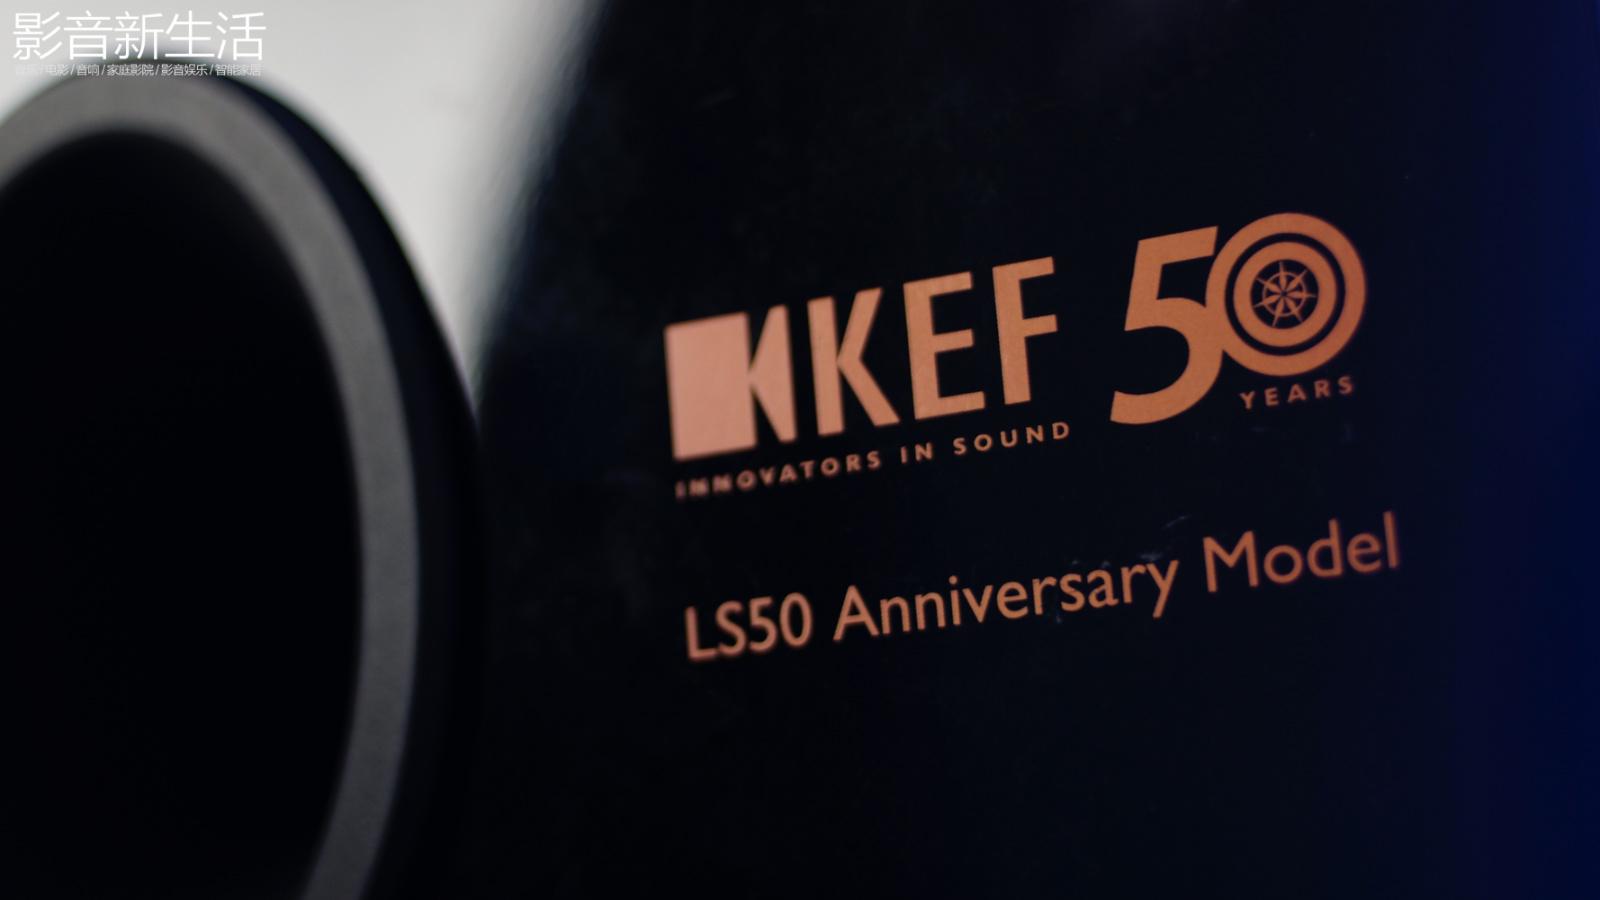 试听   这么多年过去了,还是觉得她的声音最性感!KEF LS50 周年纪念版